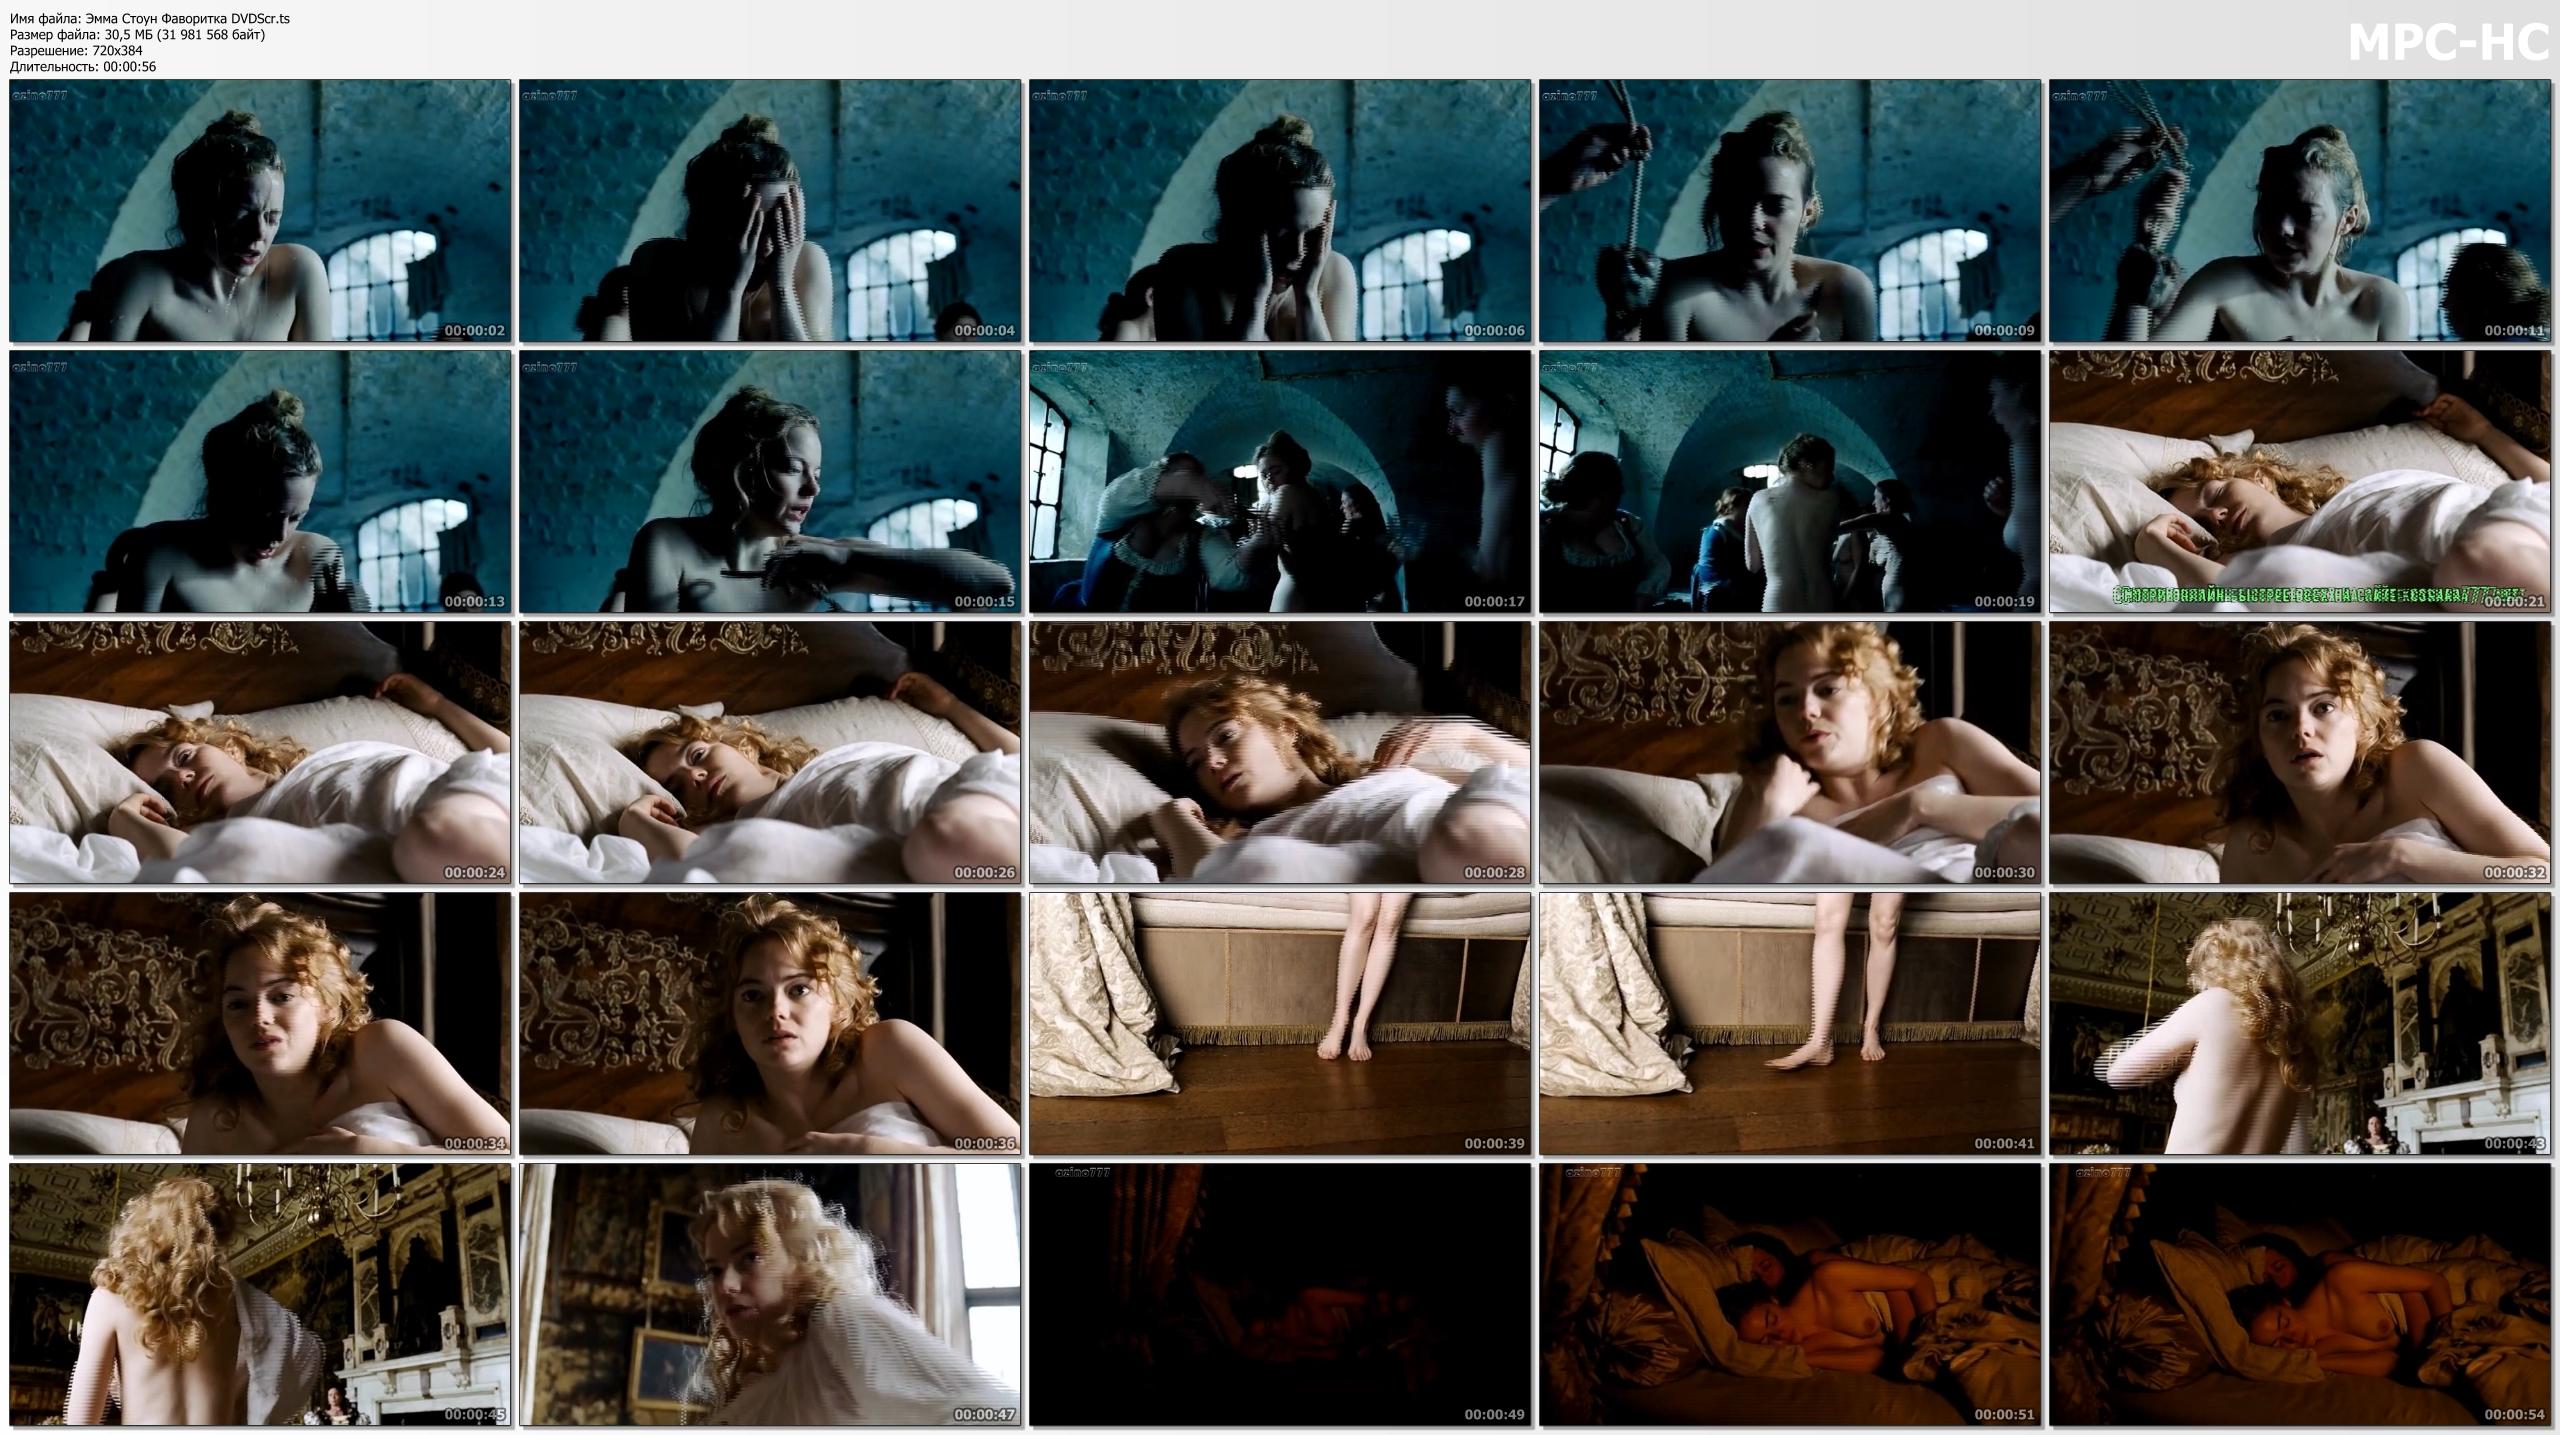 Эмма Стоун Фаворитка DVDScr.ts_thumbs.jpg